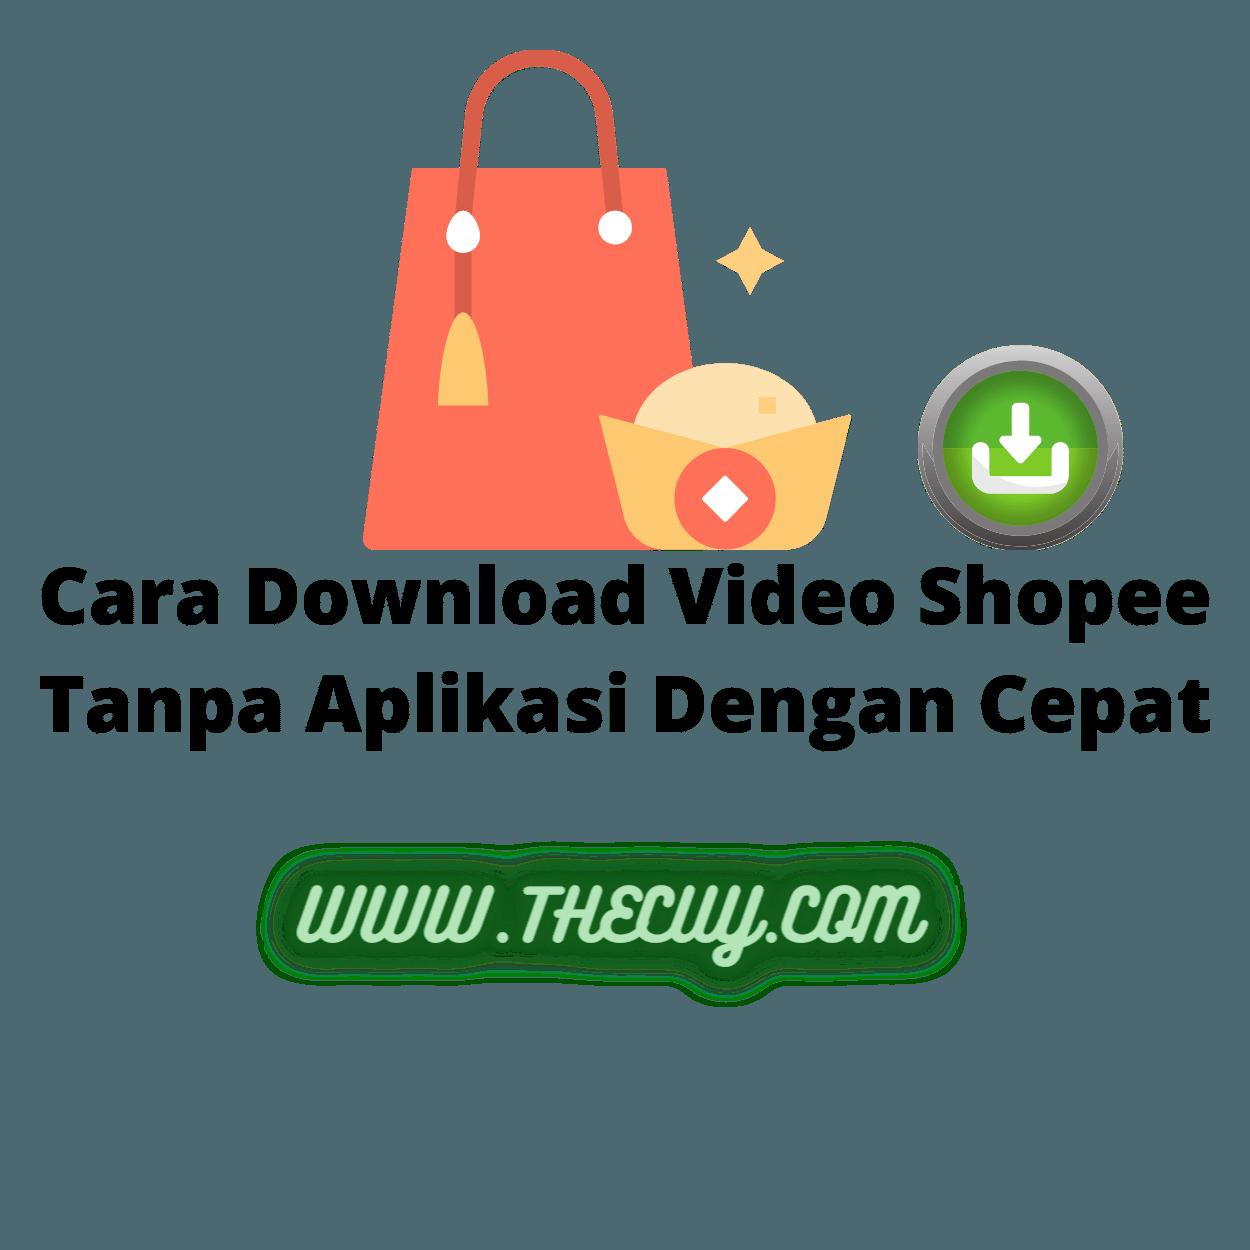 Cara Download Video Shopee Tanpa Aplikasi Dengan Cepat